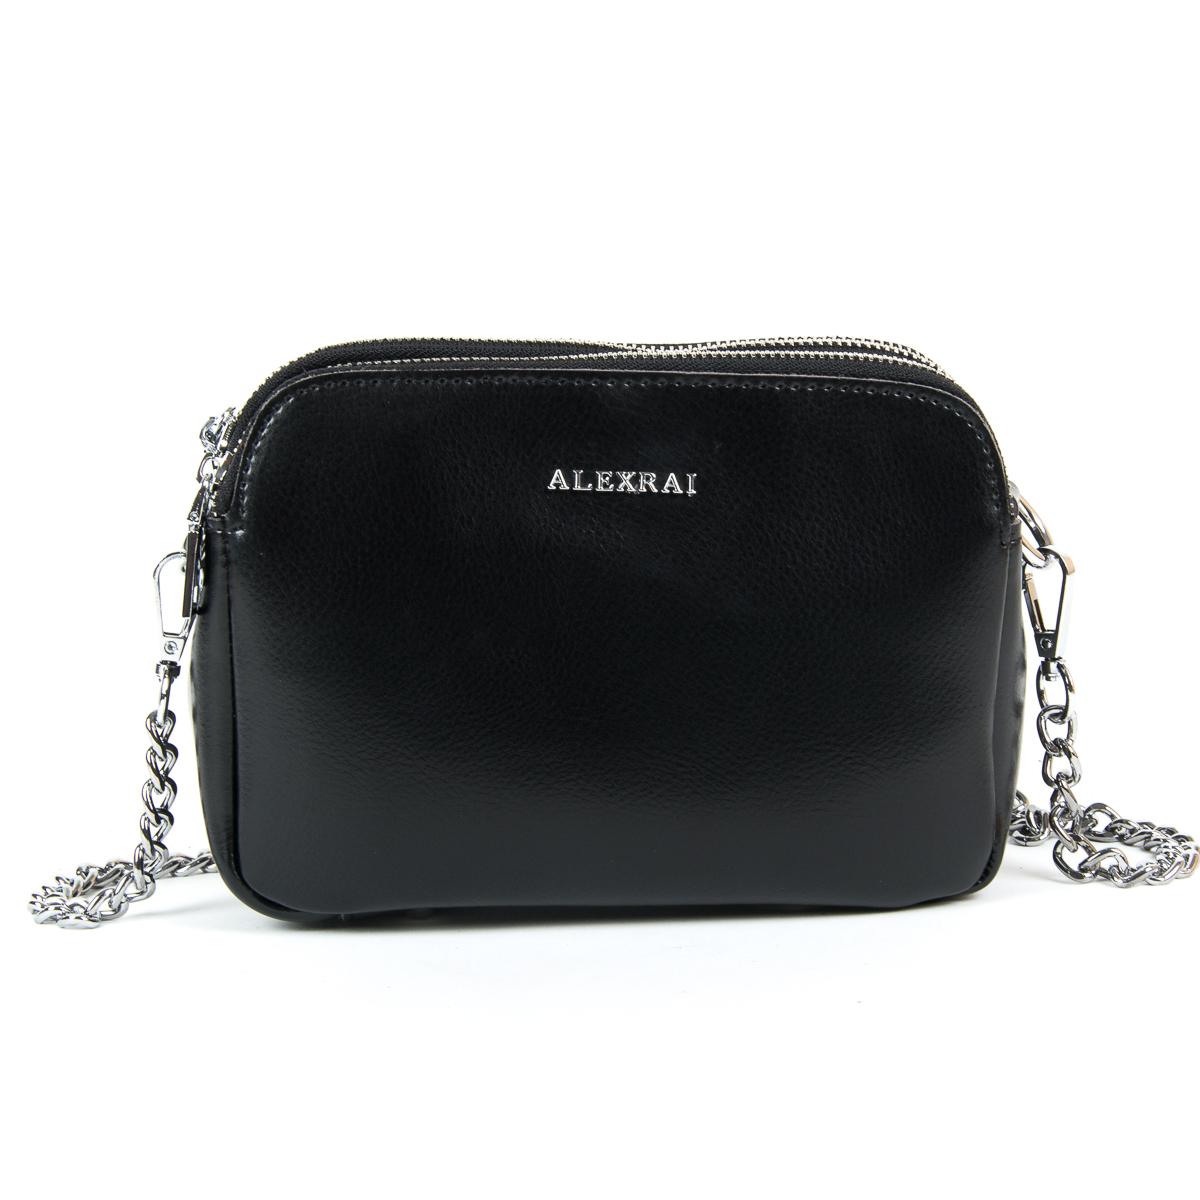 Сумка Женская Клатч кожа ALEX RAI 9-01 8701 black